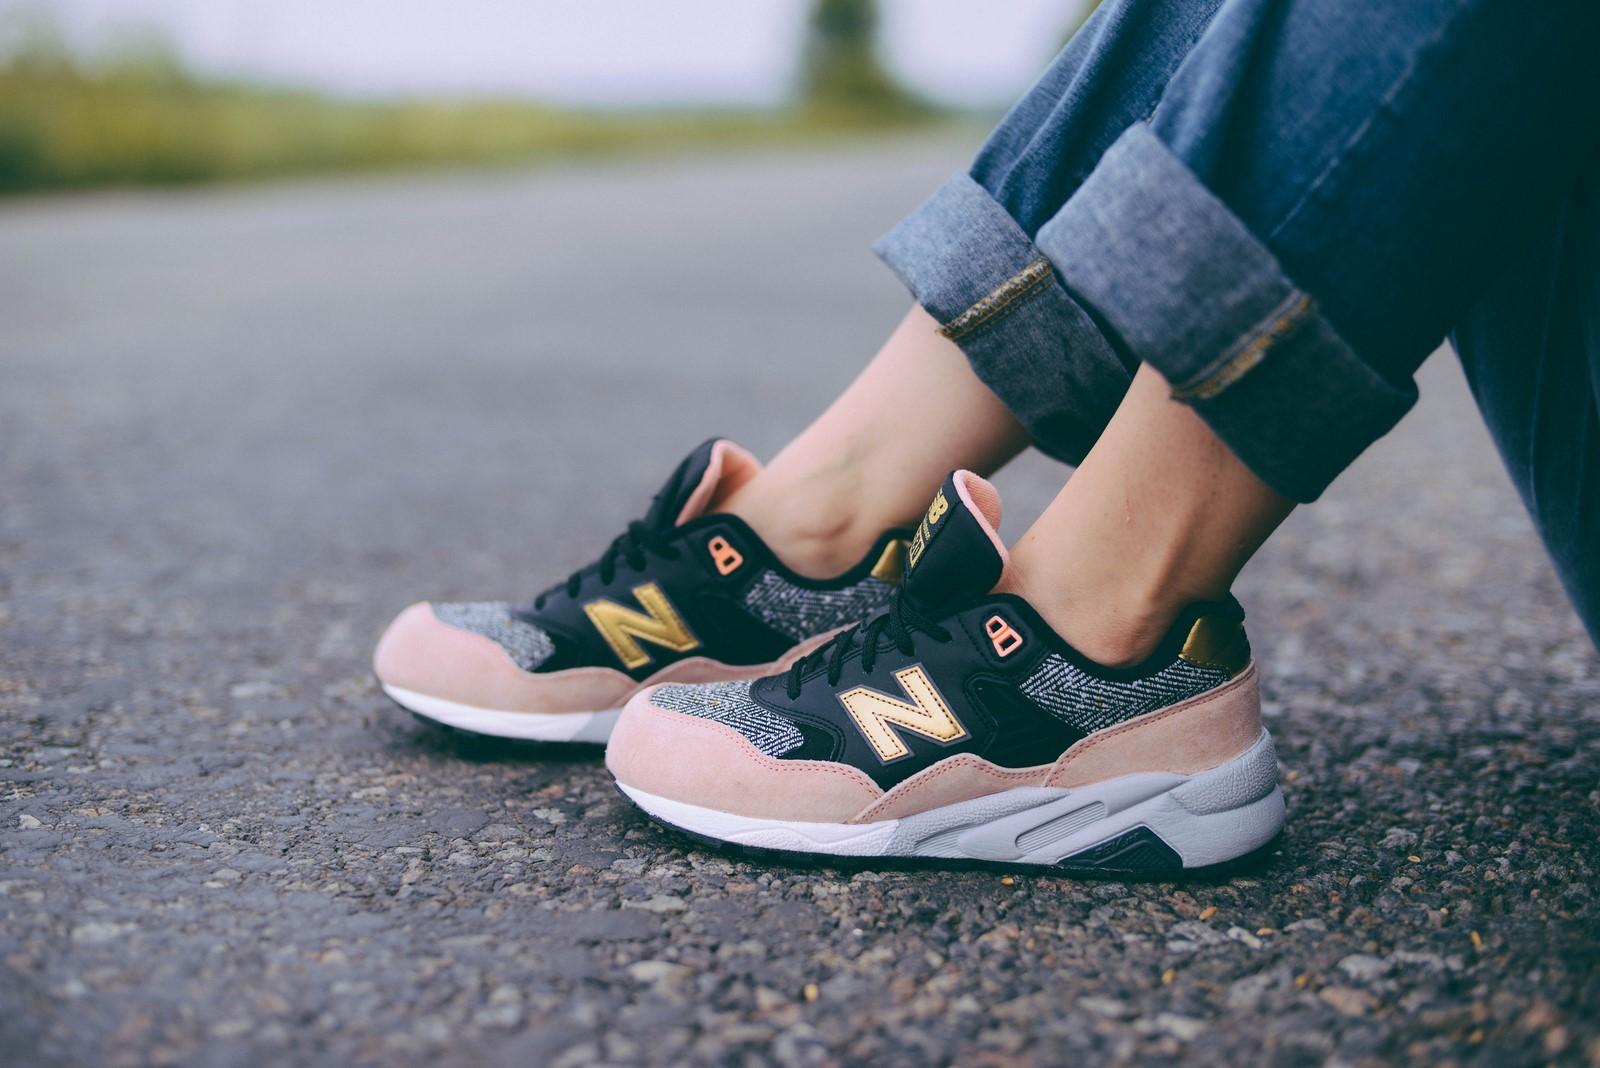 c09fcc8773c7e Obľúbená značka topánok New Balance sa pýši veľmi pestrou históriou a  prináša obuv udávajúcu trendy. Za založením tejto značky stál J. Riley, ...